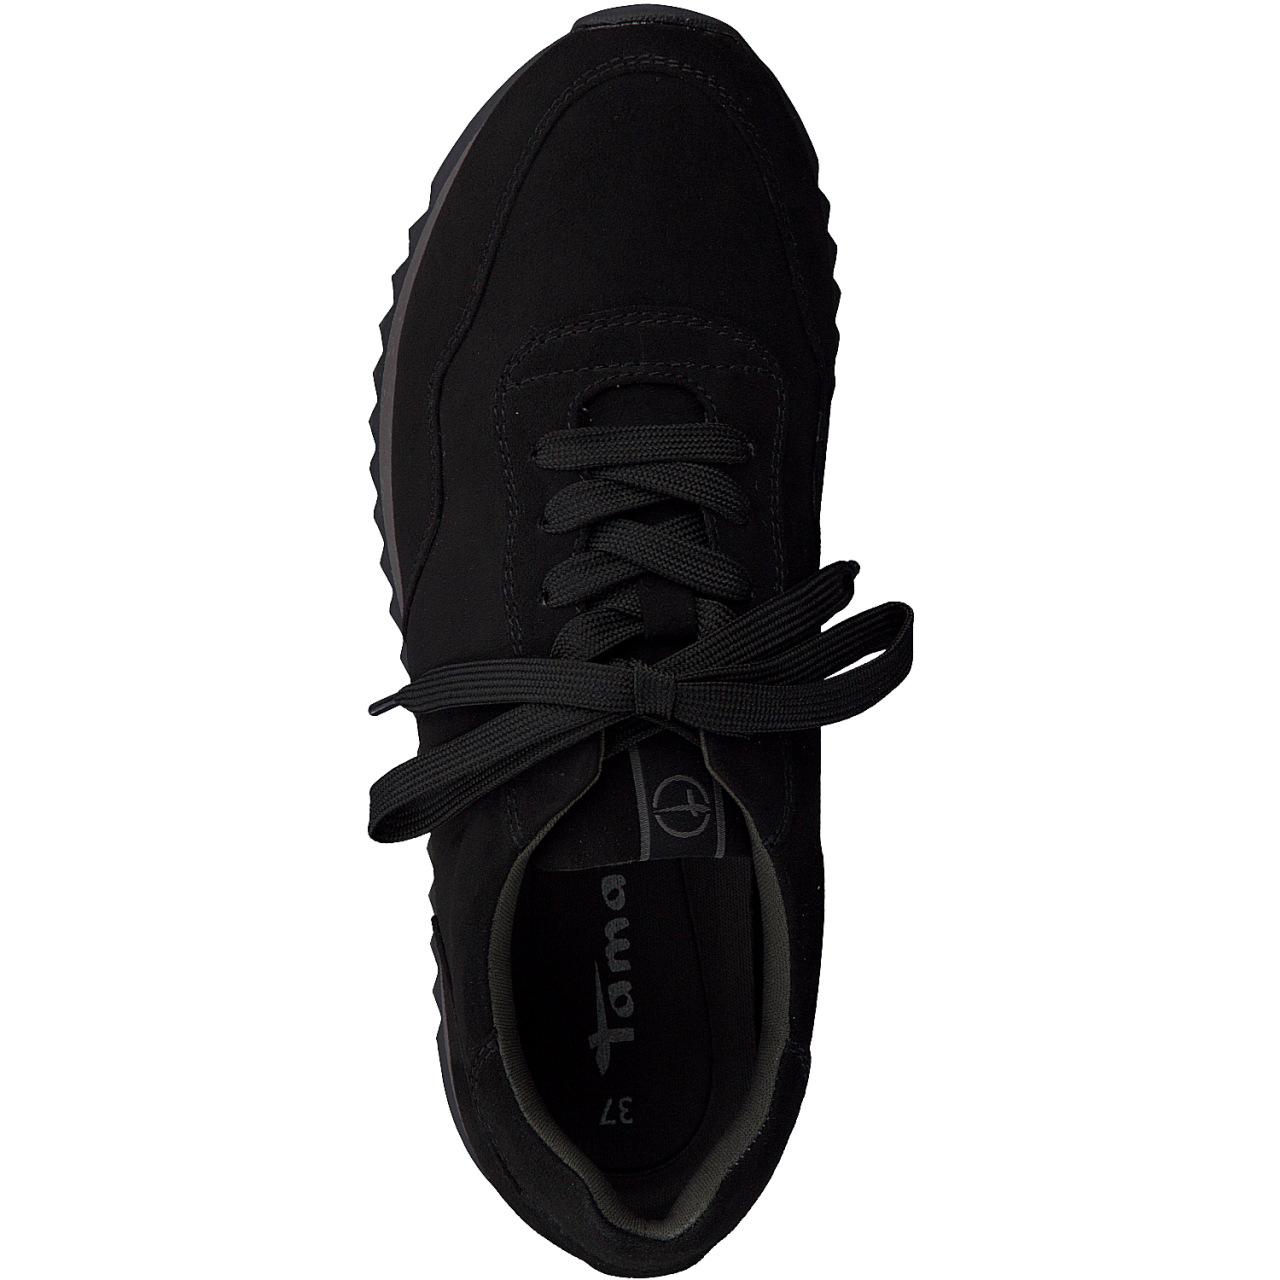 Tamaris 23606 sneakers, black, 38